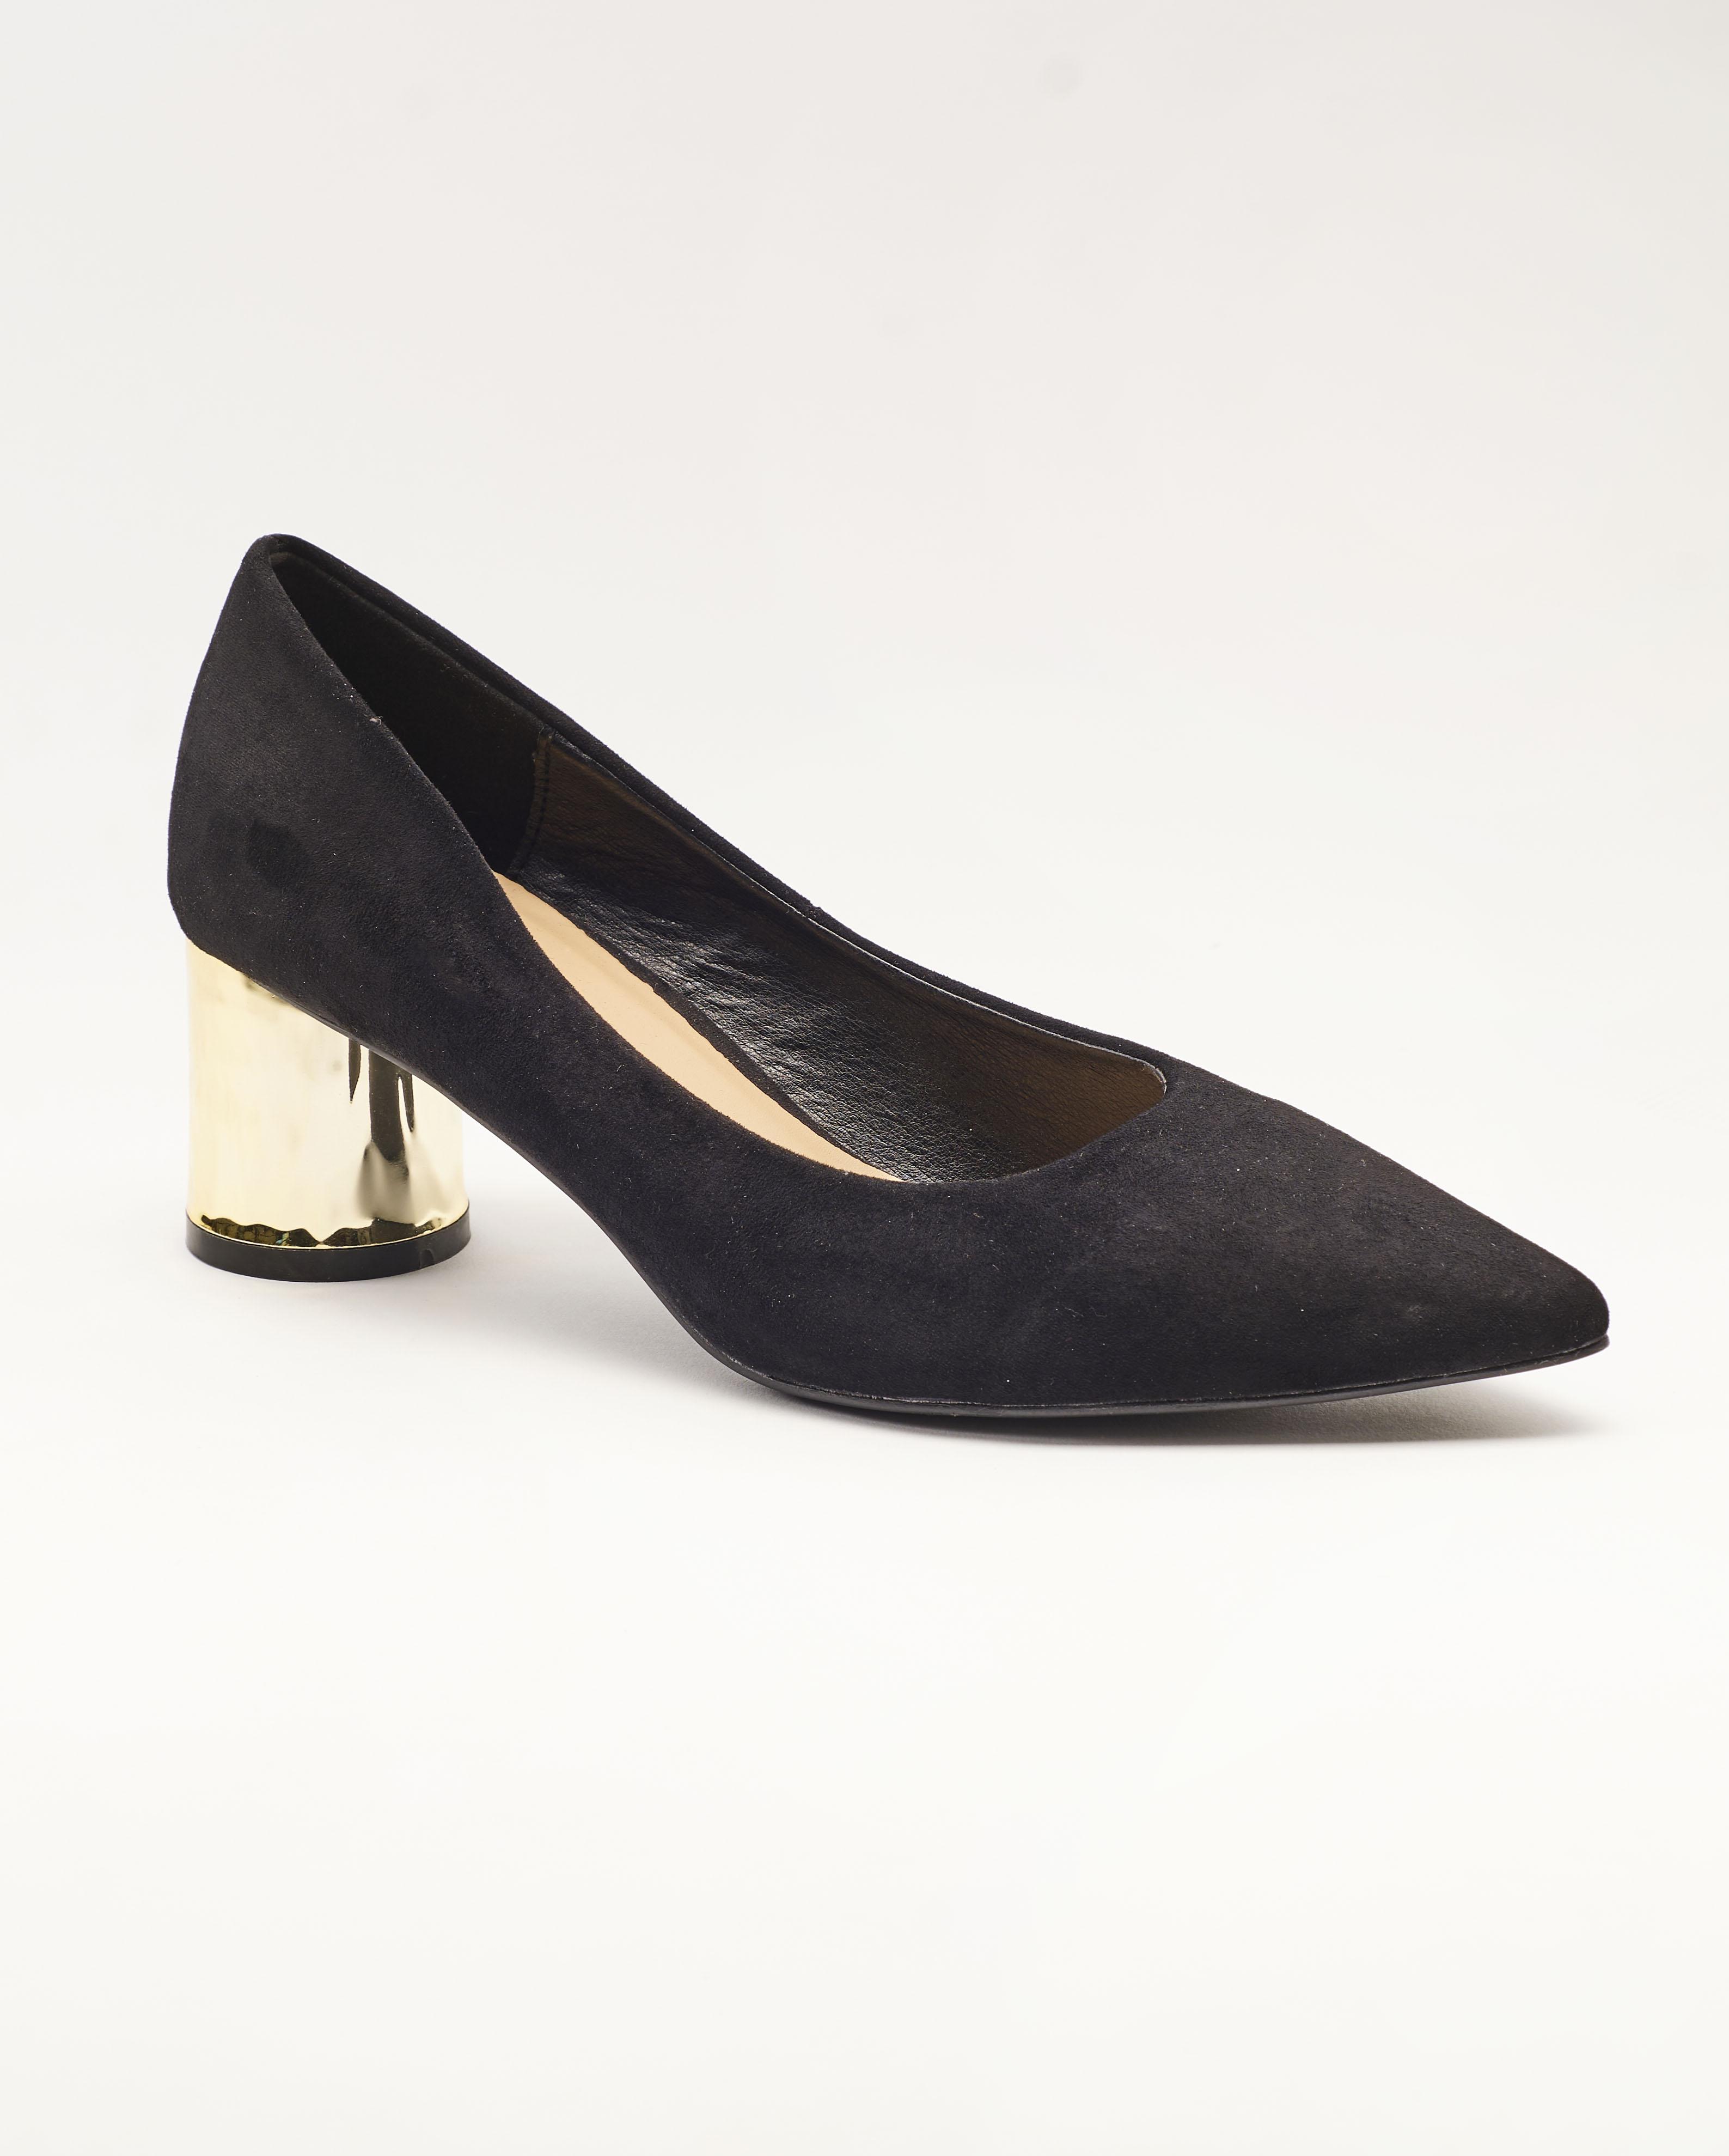 Escarpins Femme - Escarpin Ferme Noir Jina - M19p1508-01